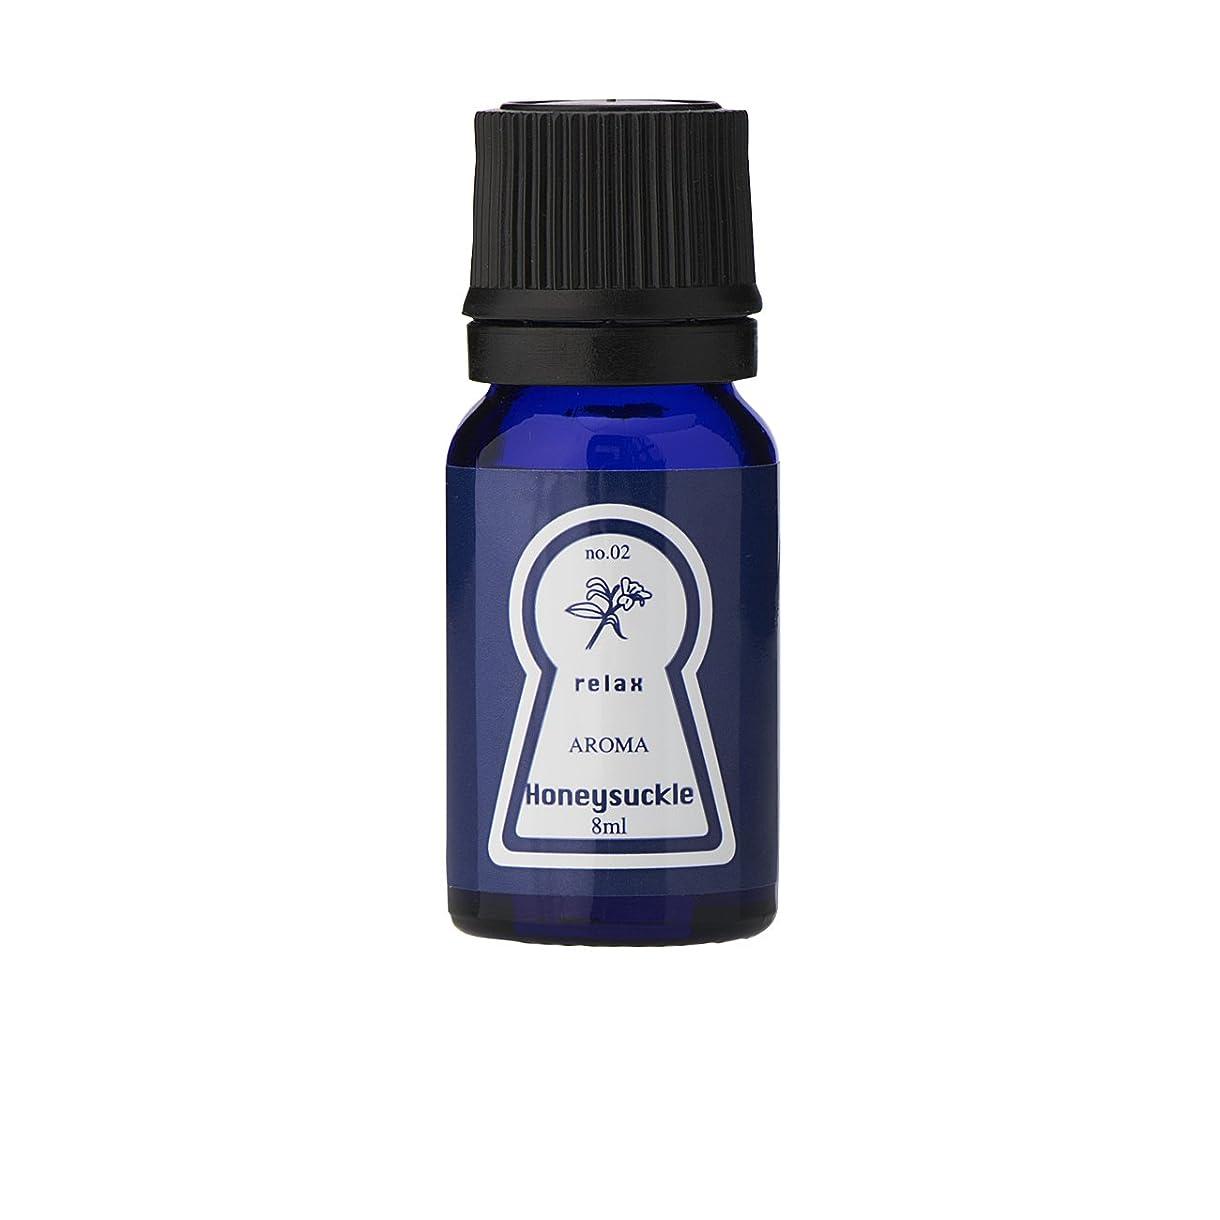 実験的スキップ個人的なブルーラベル アロマエッセンス8ml ハニーサックル(アロマオイル 調合香料 芳香用)